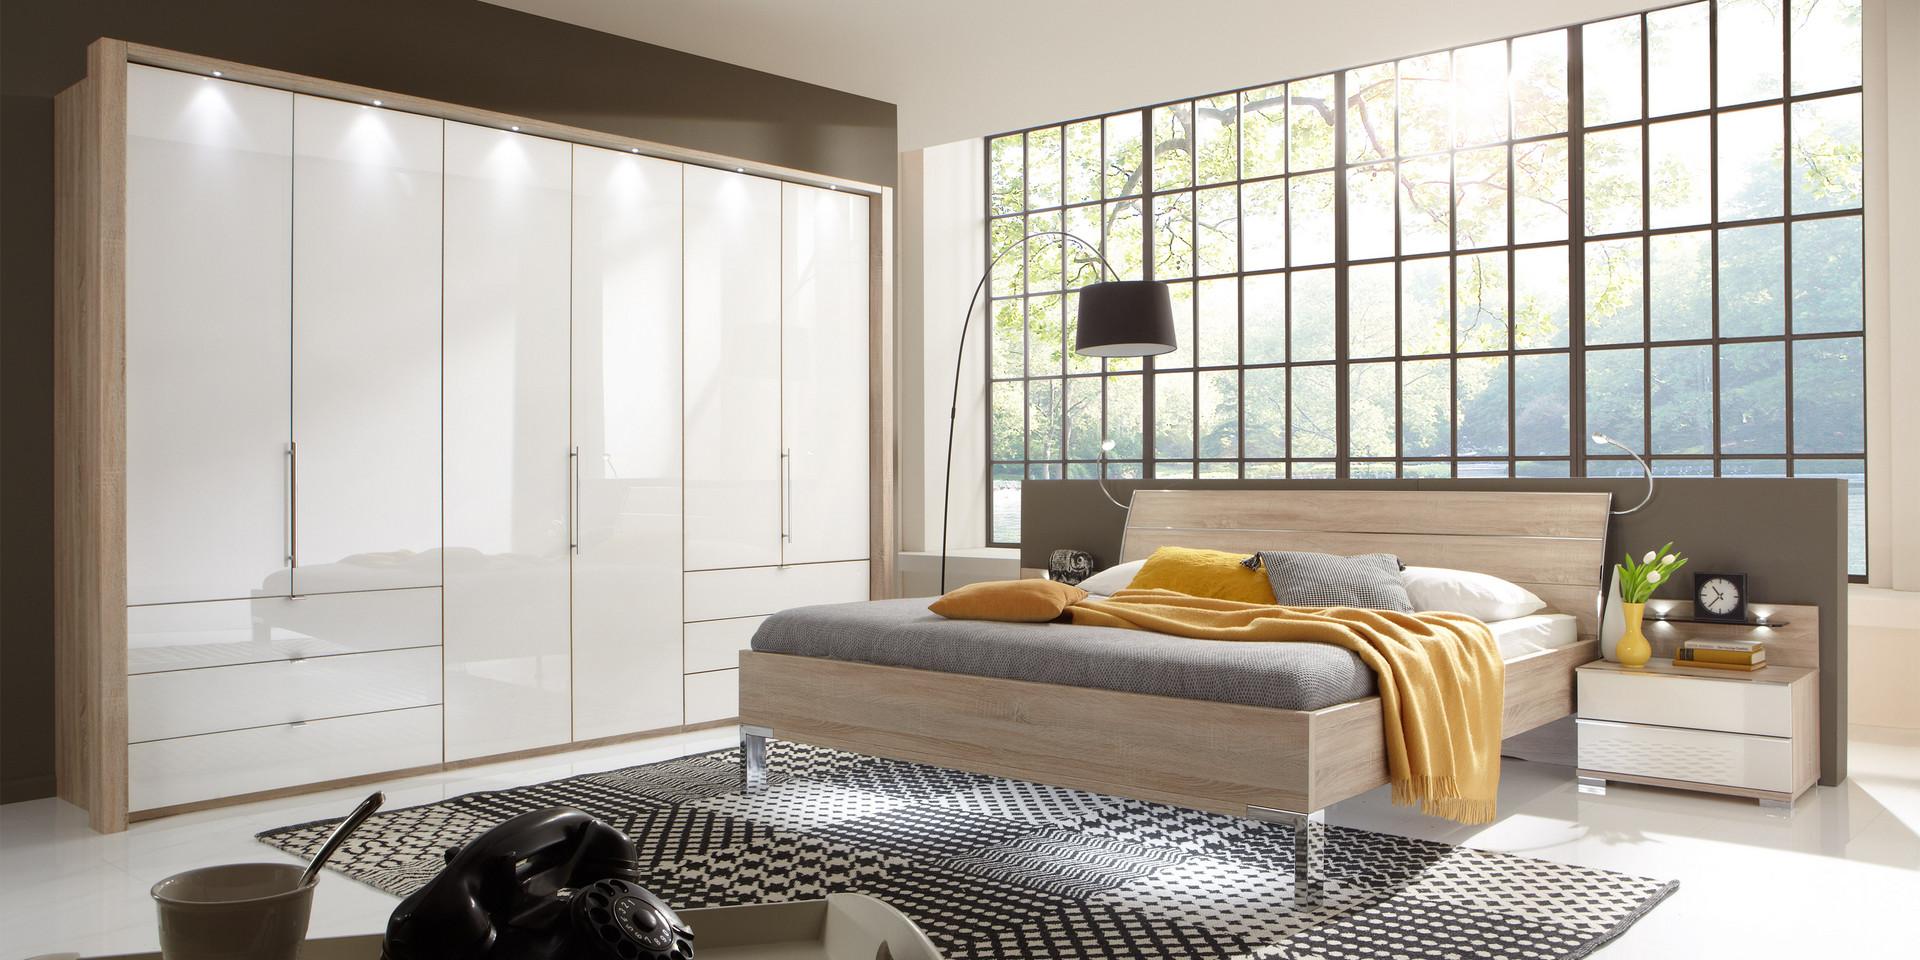 Full Size of Schranksysteme Schlafzimmer Entdecken Sie Hier Das Programm Loft Mbelhersteller Wiemann Komplett Guenstig Set Günstig Deckenleuchte Sessel Teppich Schlafzimmer Schranksysteme Schlafzimmer